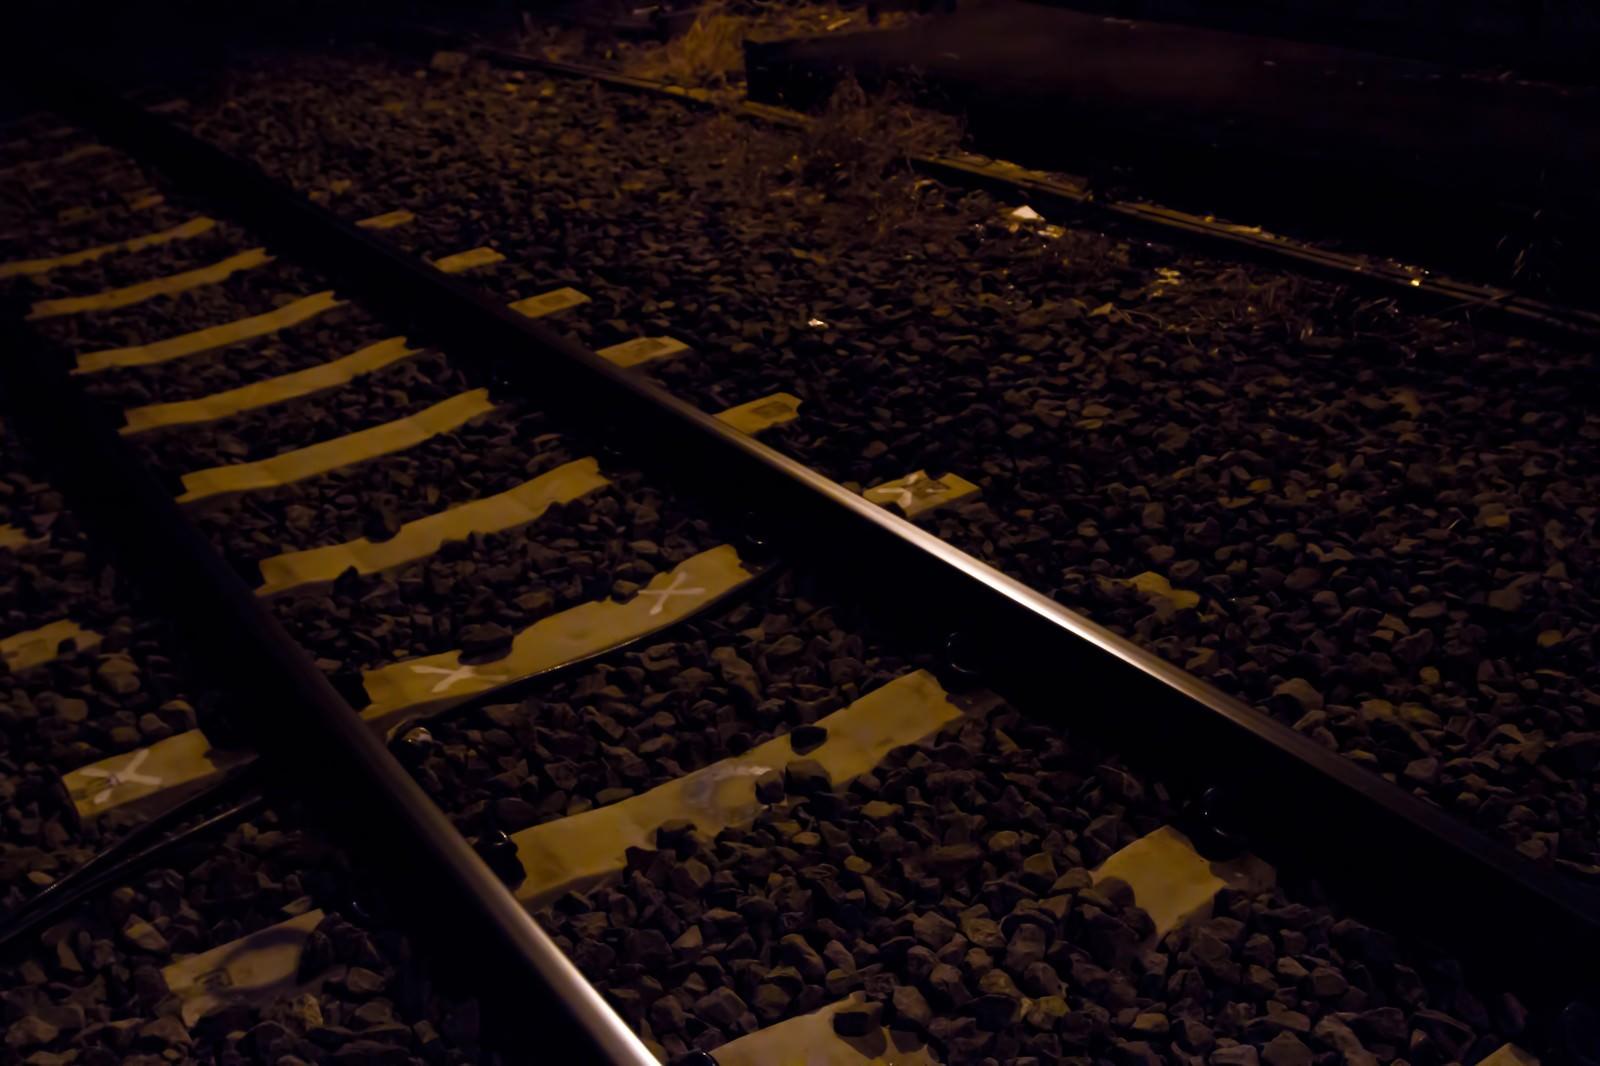 「月明かりの線路」の写真